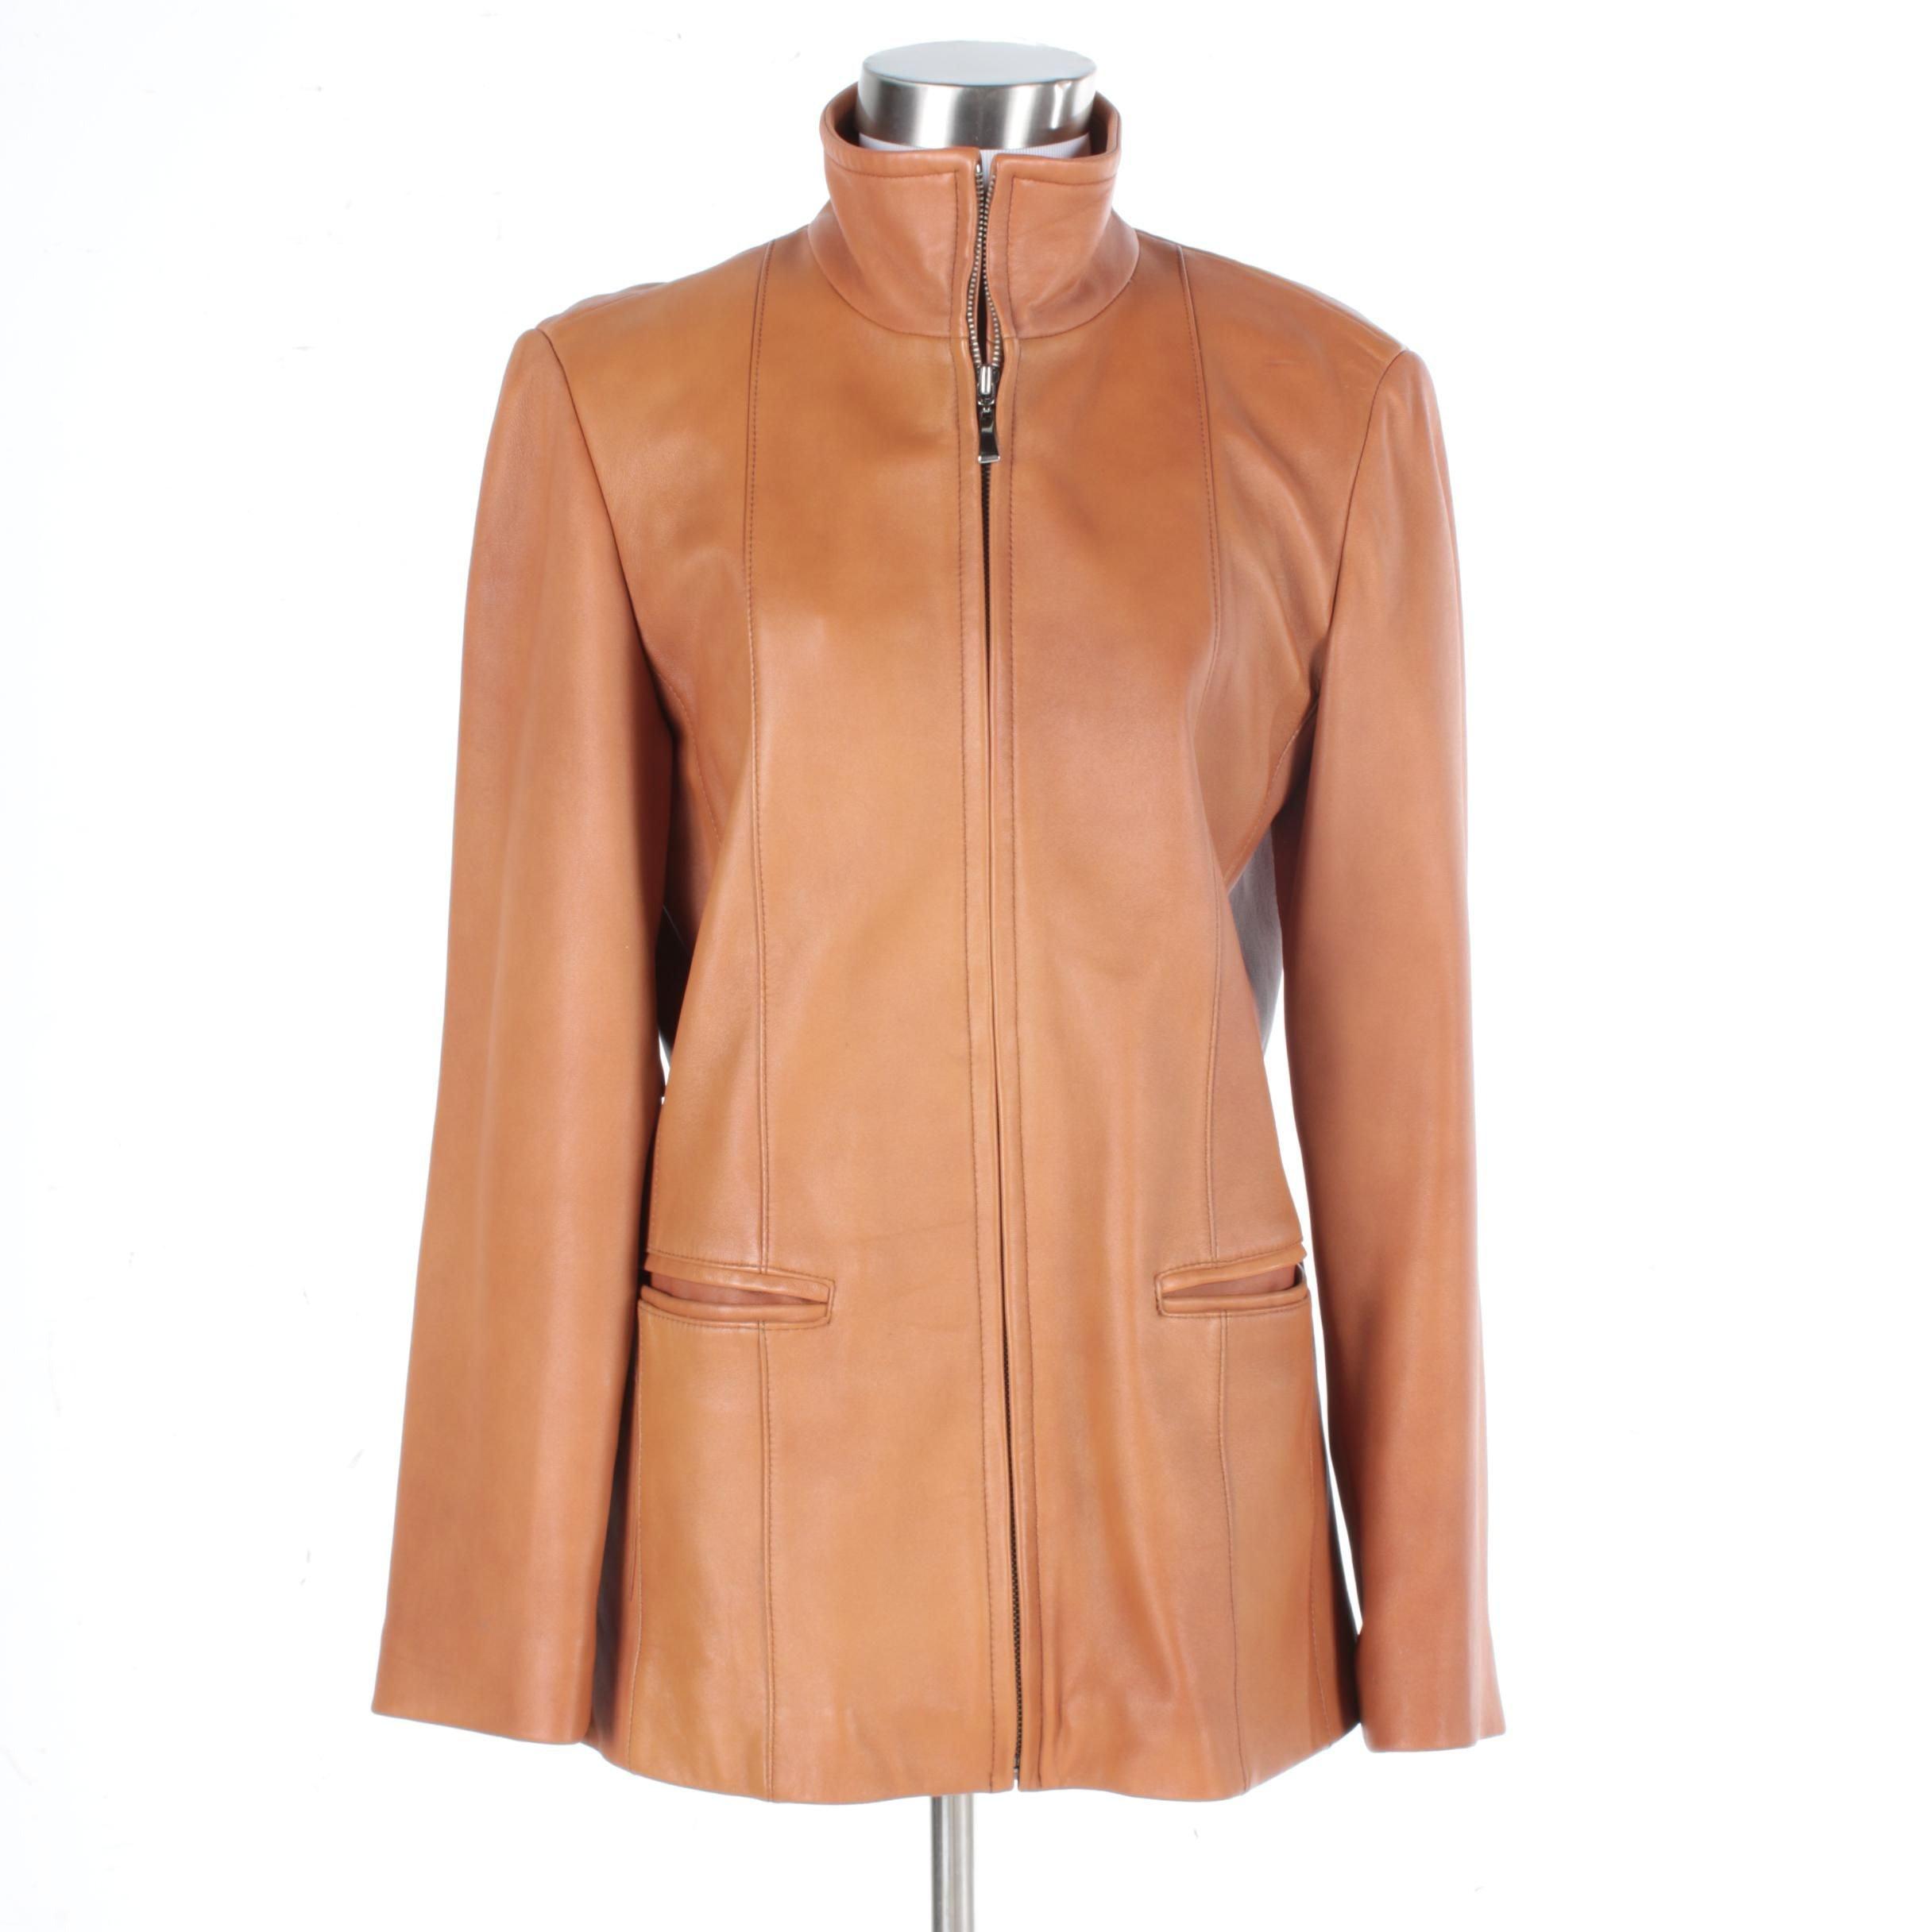 Women's LNR by La Nouvelle Renaissance Leather Jacket